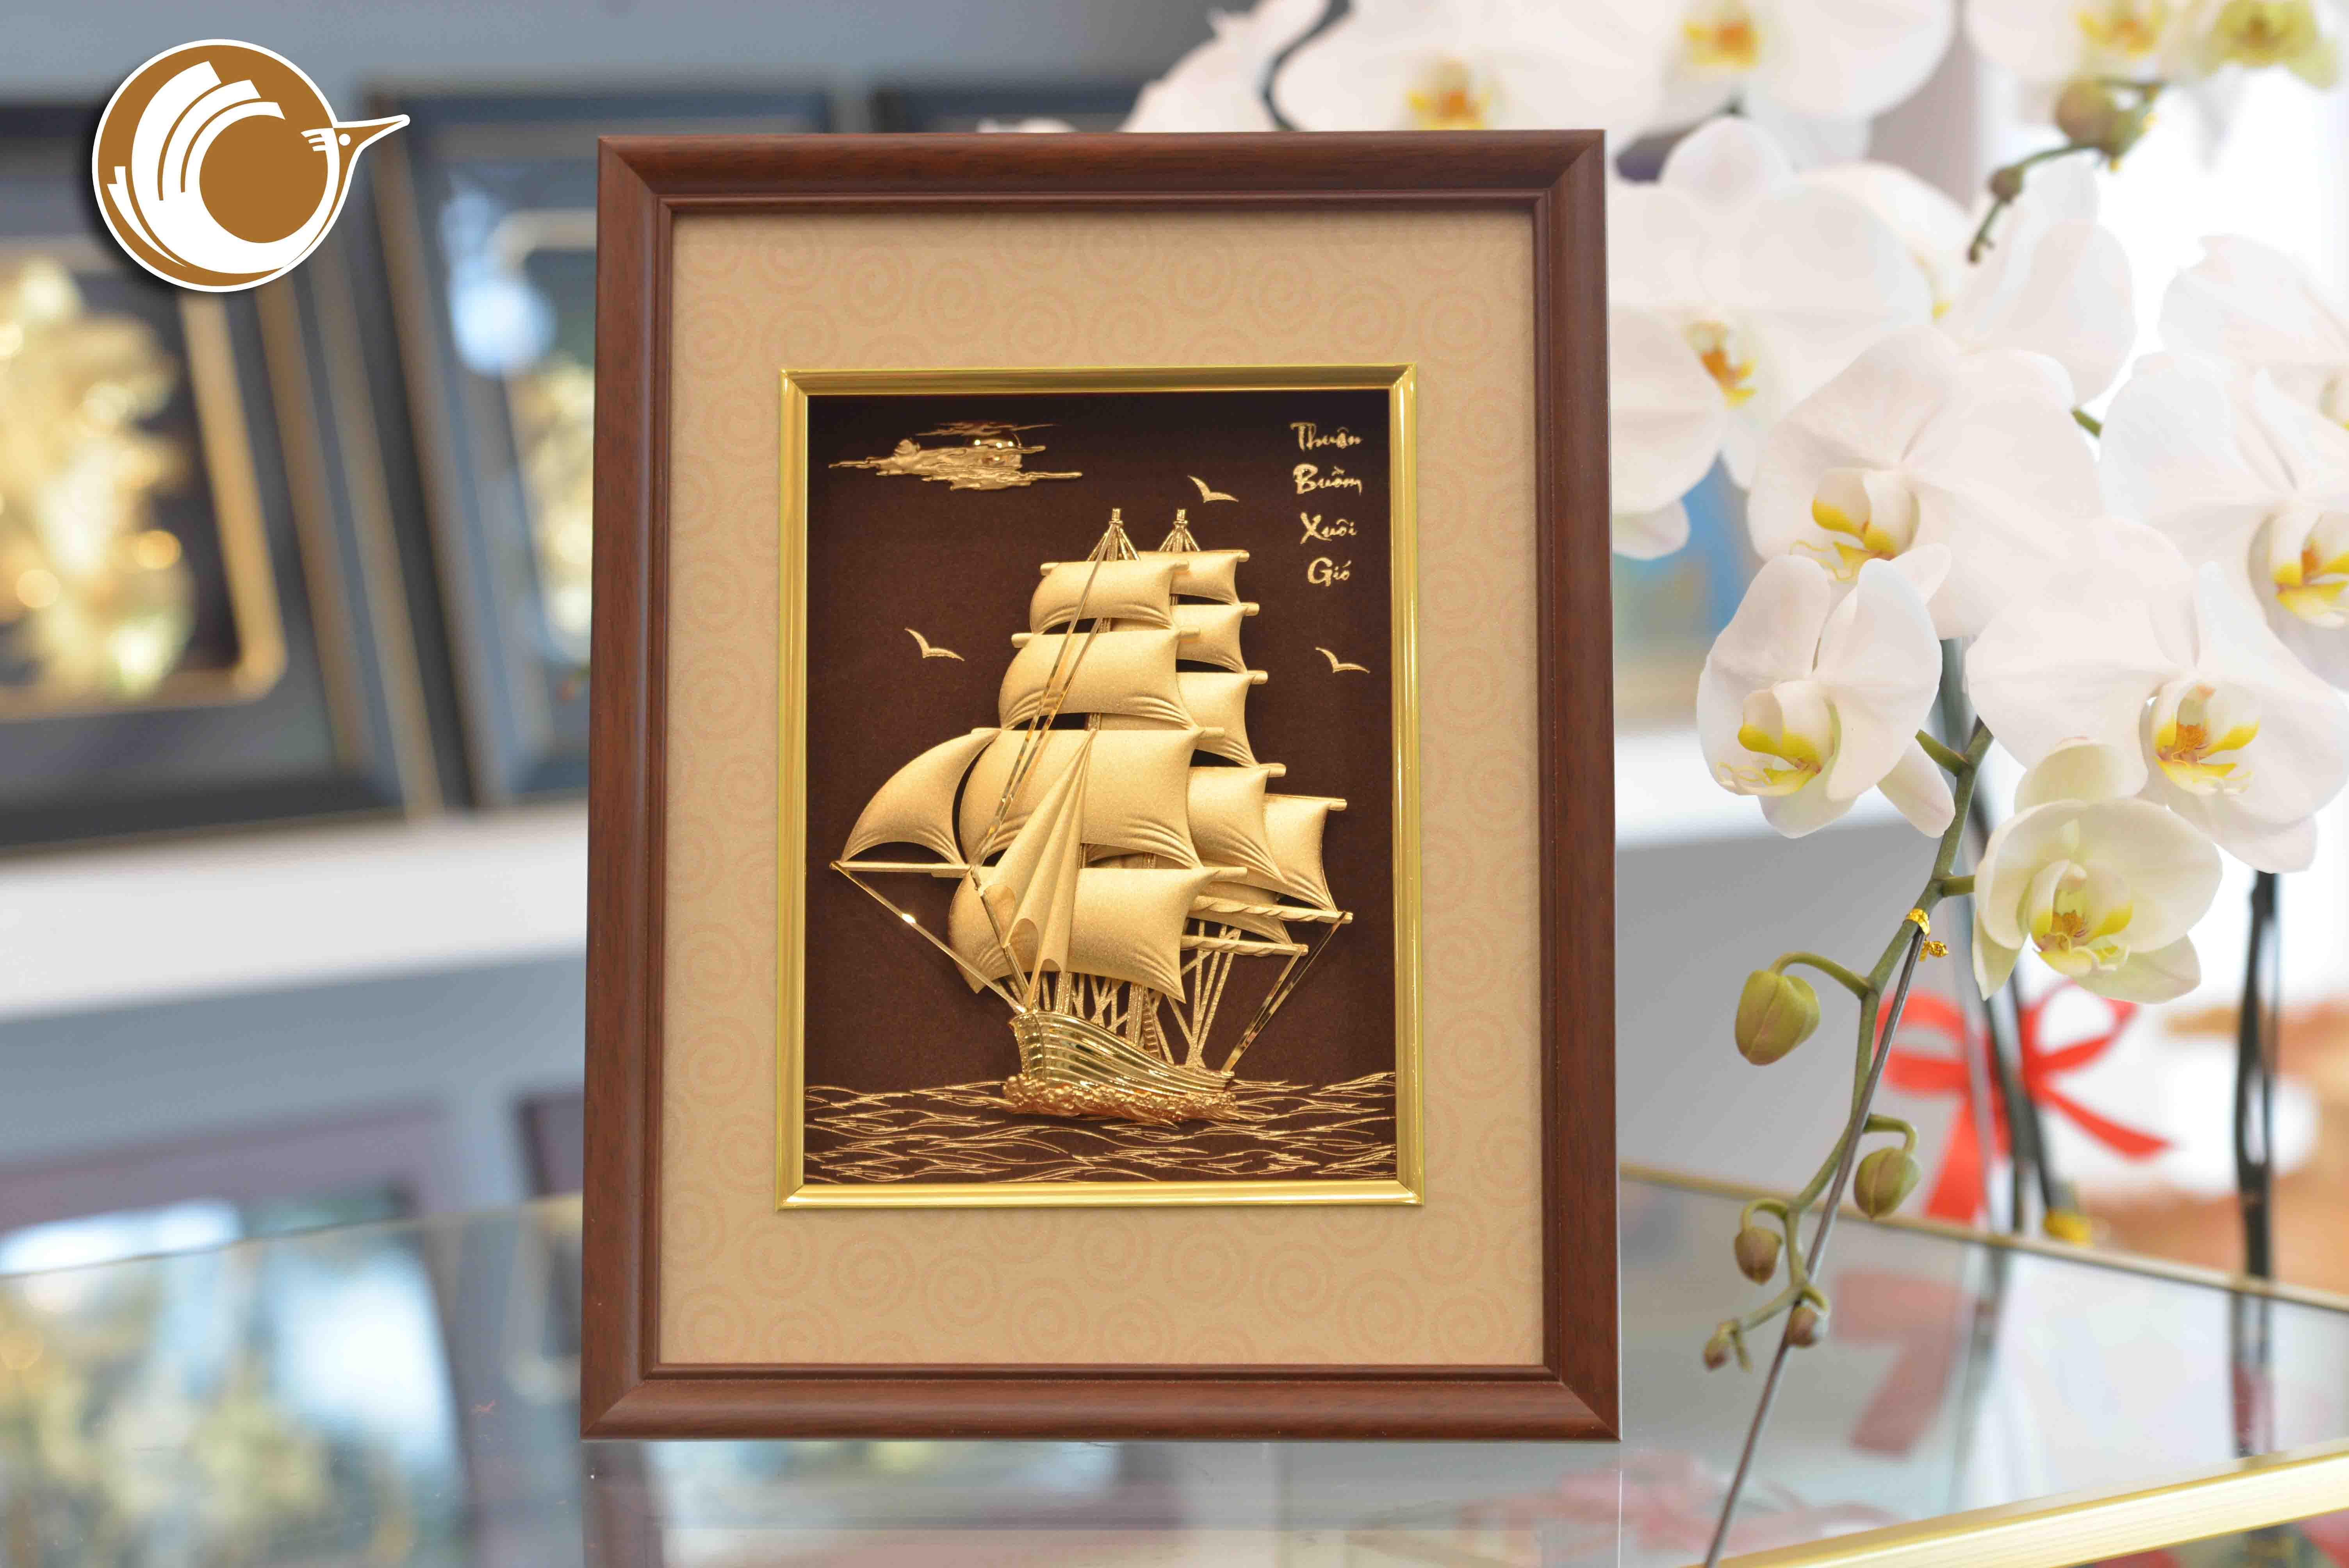 Quà tặng khai trương- Quà tặng tranh vàng thuyền buồm xuôi gió